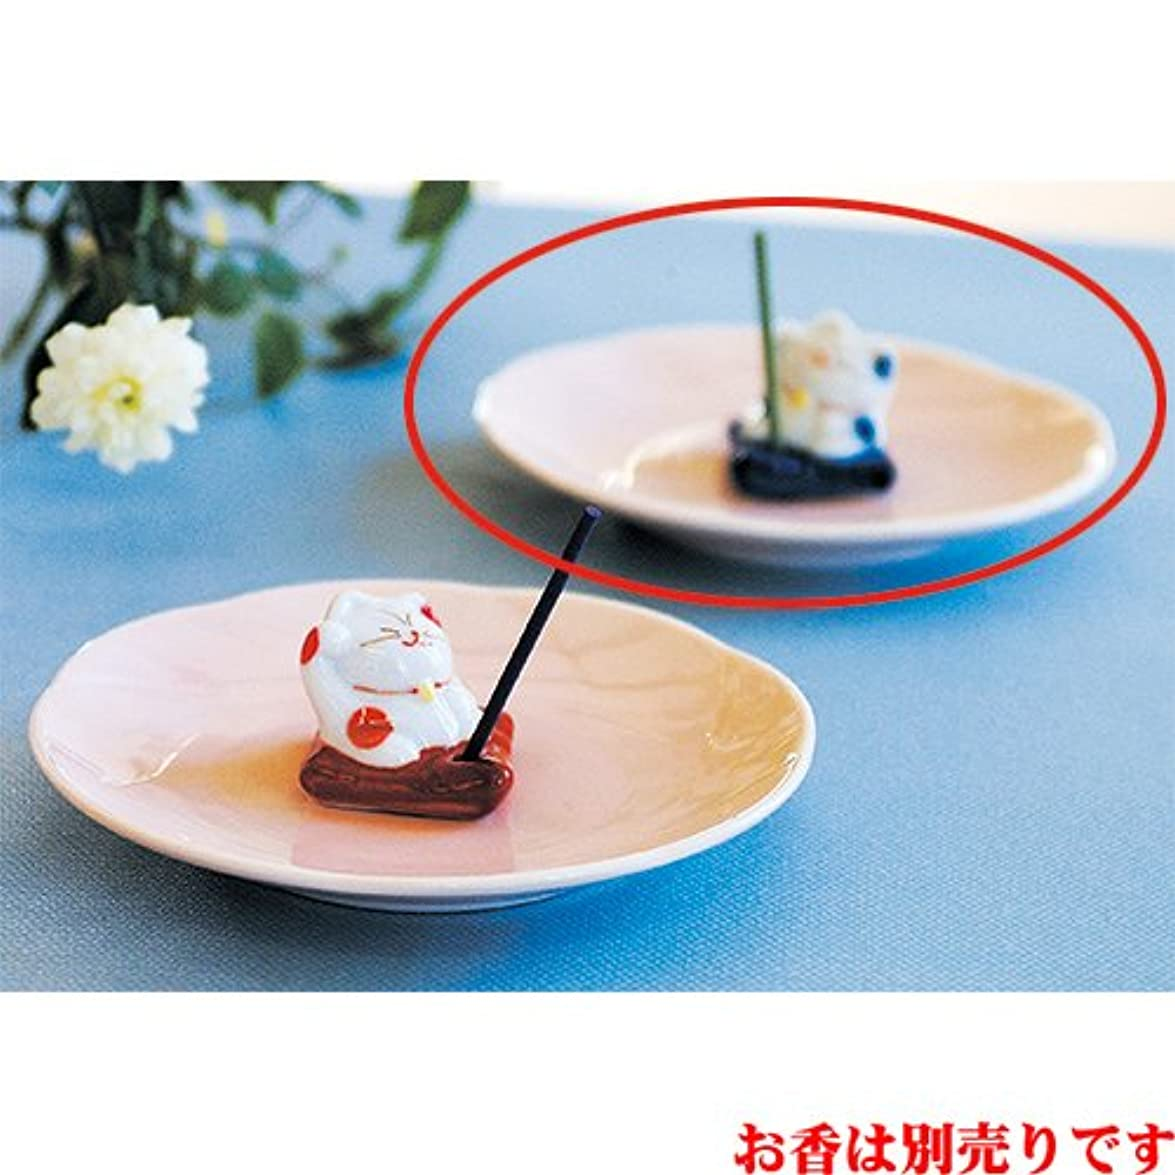 ダンプ苦悩アルミニウム香皿 ザブトンネコ 香皿 ブルー [R12.5xH4cm] プレゼント ギフト 和食器 かわいい インテリア